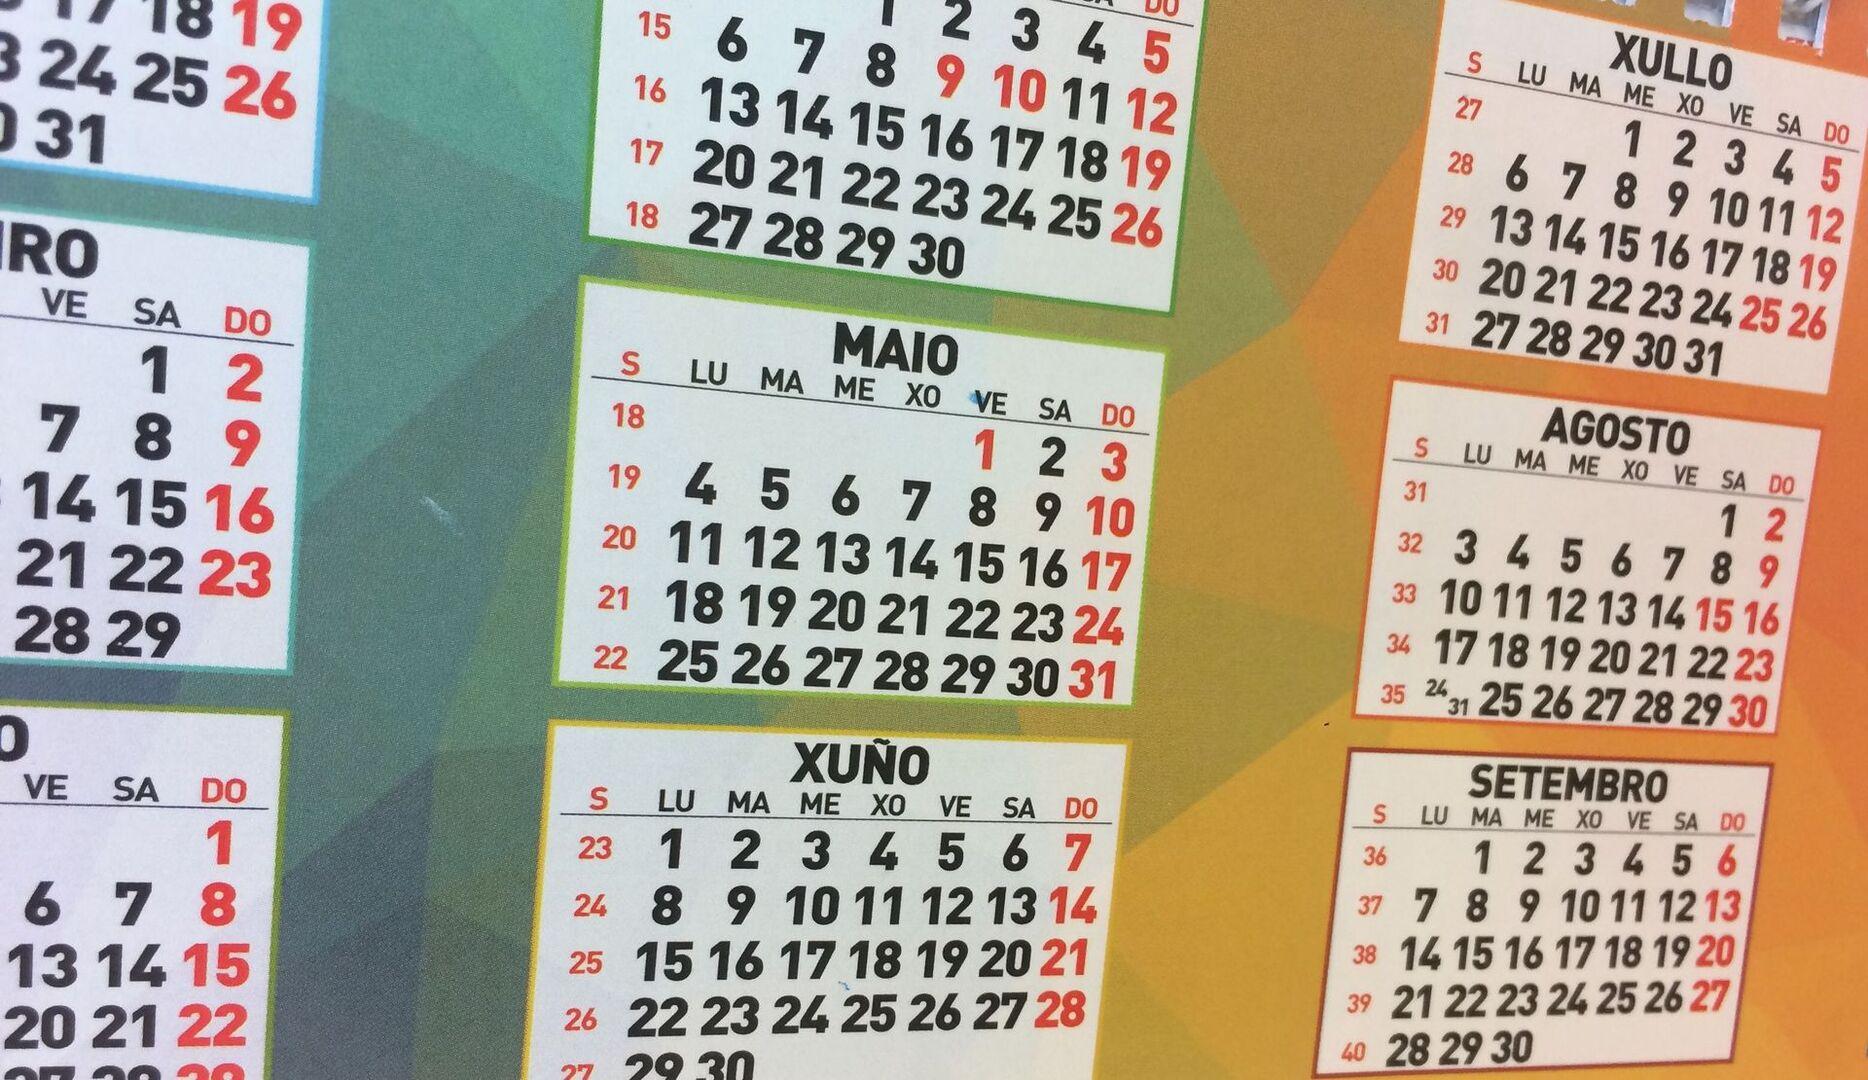 Calendario Laboral 2020 Galicia Doga.Publicado Este Viernes El Calendario Laboral Para El 2020 En